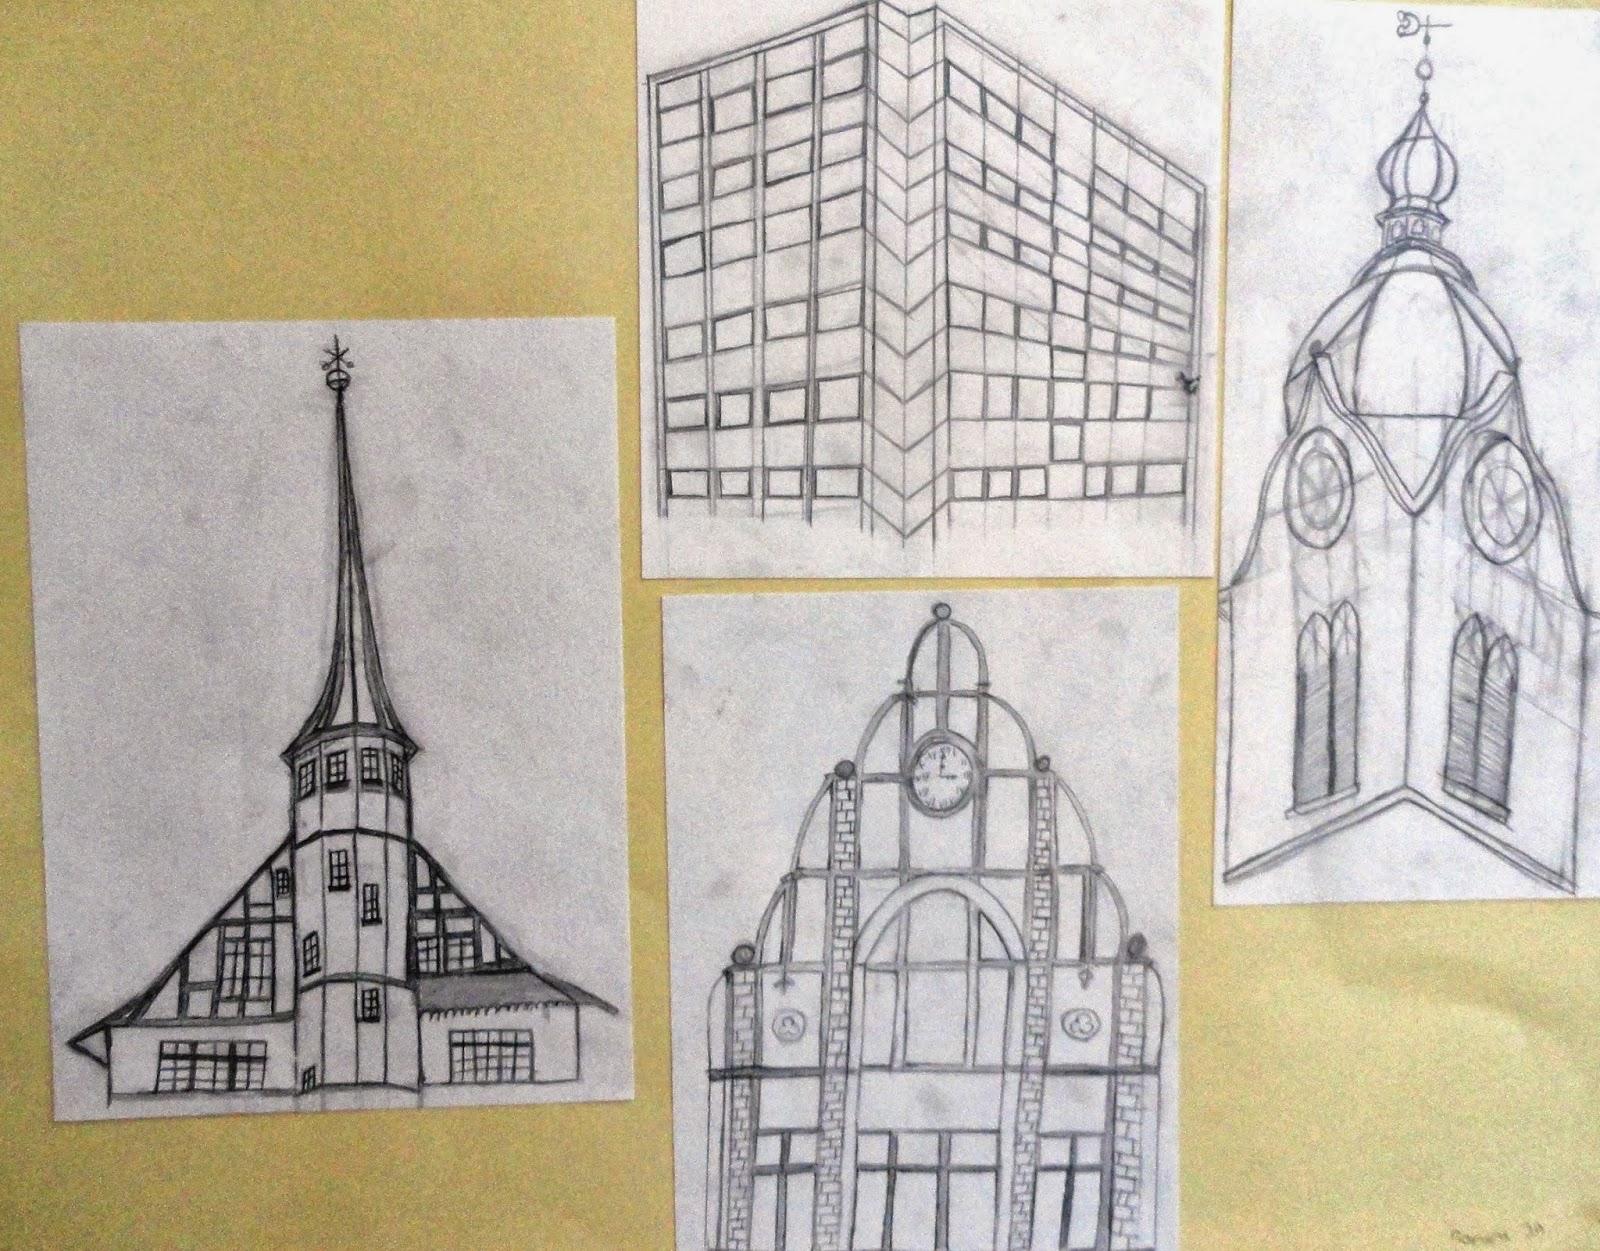 Typisch Reinach Architekturskizzen Bleistift Skyline Filzstifte Linoldruck